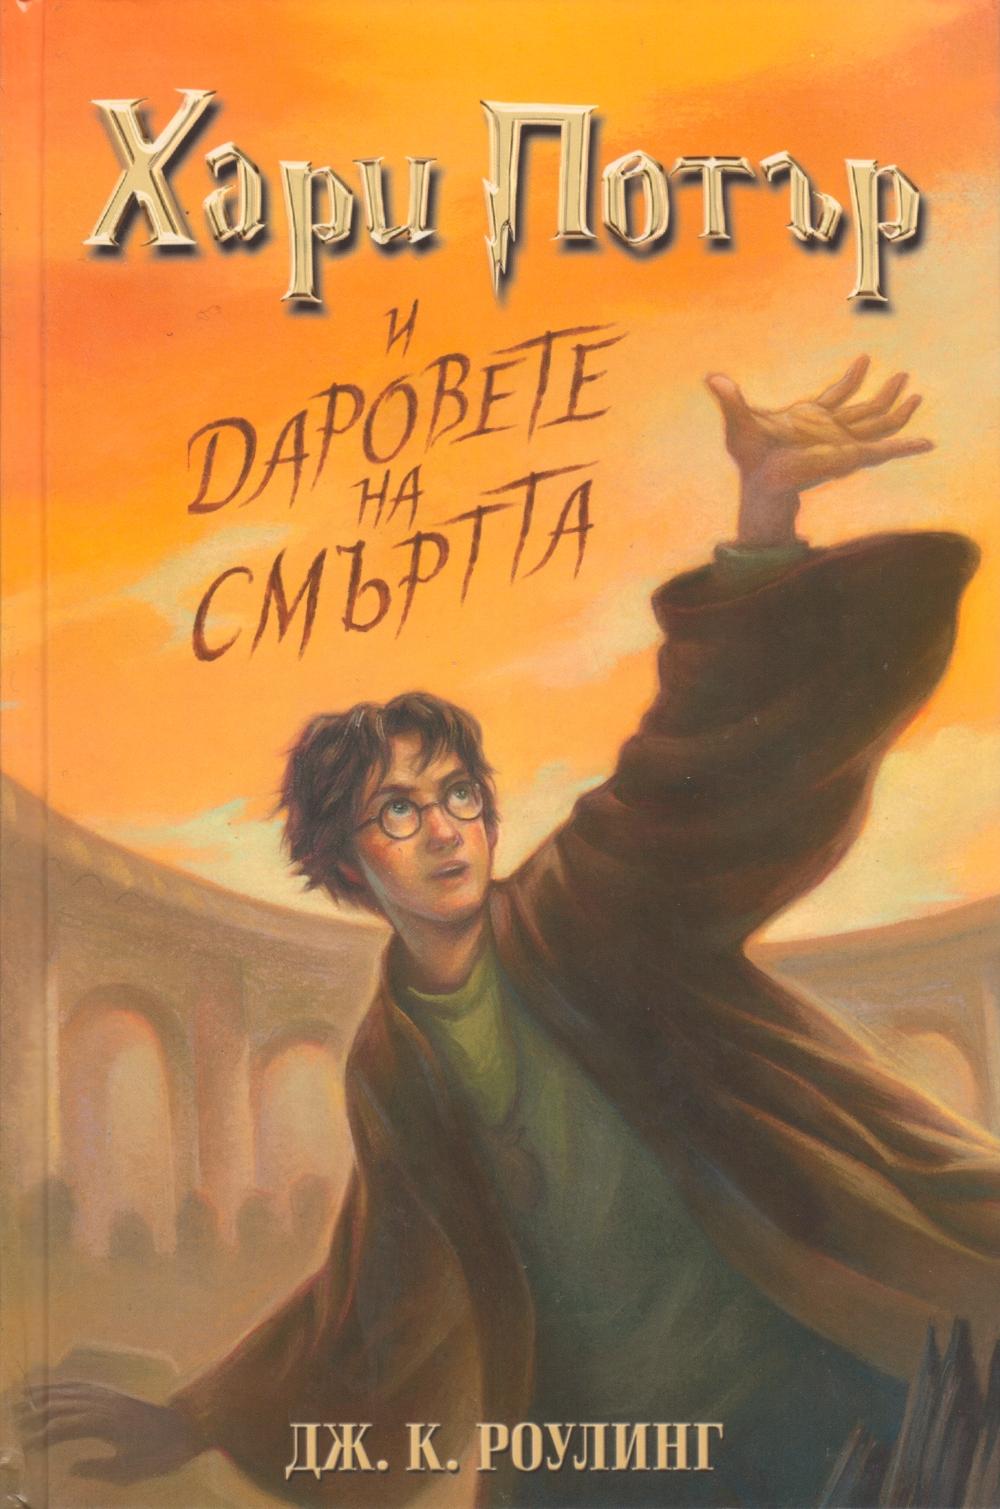 Хари Потър и Даровете на смъртта (Хари Потър 7)